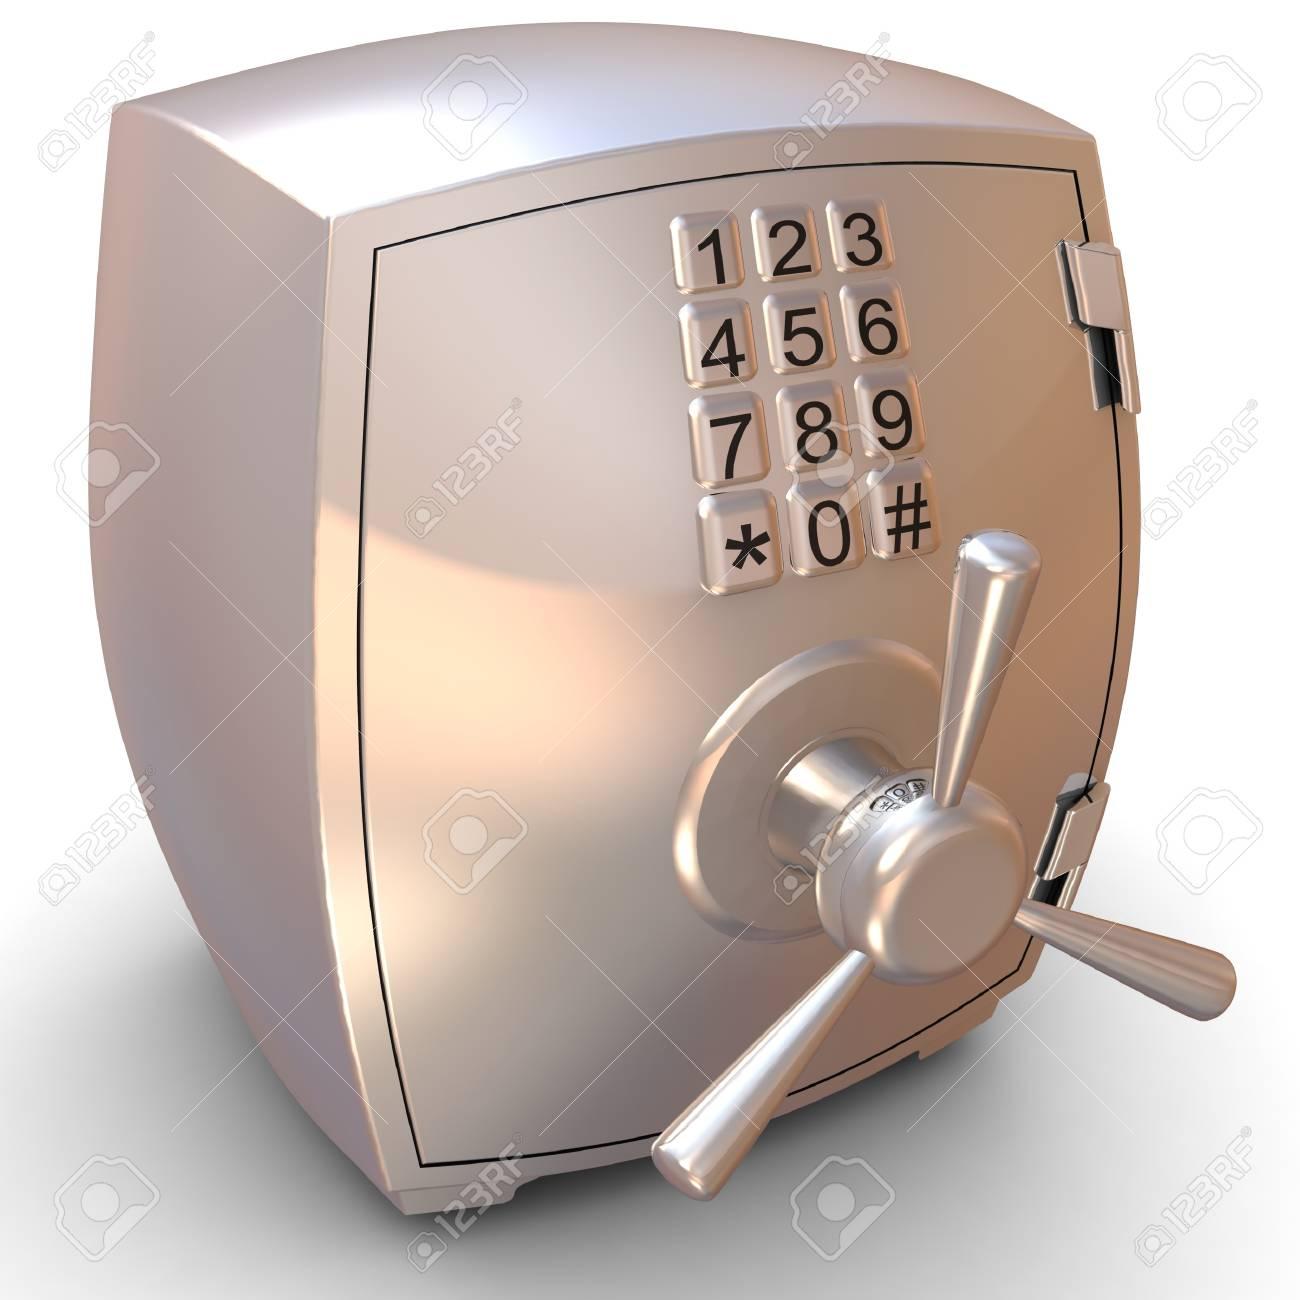 Security metal safe Stock Photo - 18337450